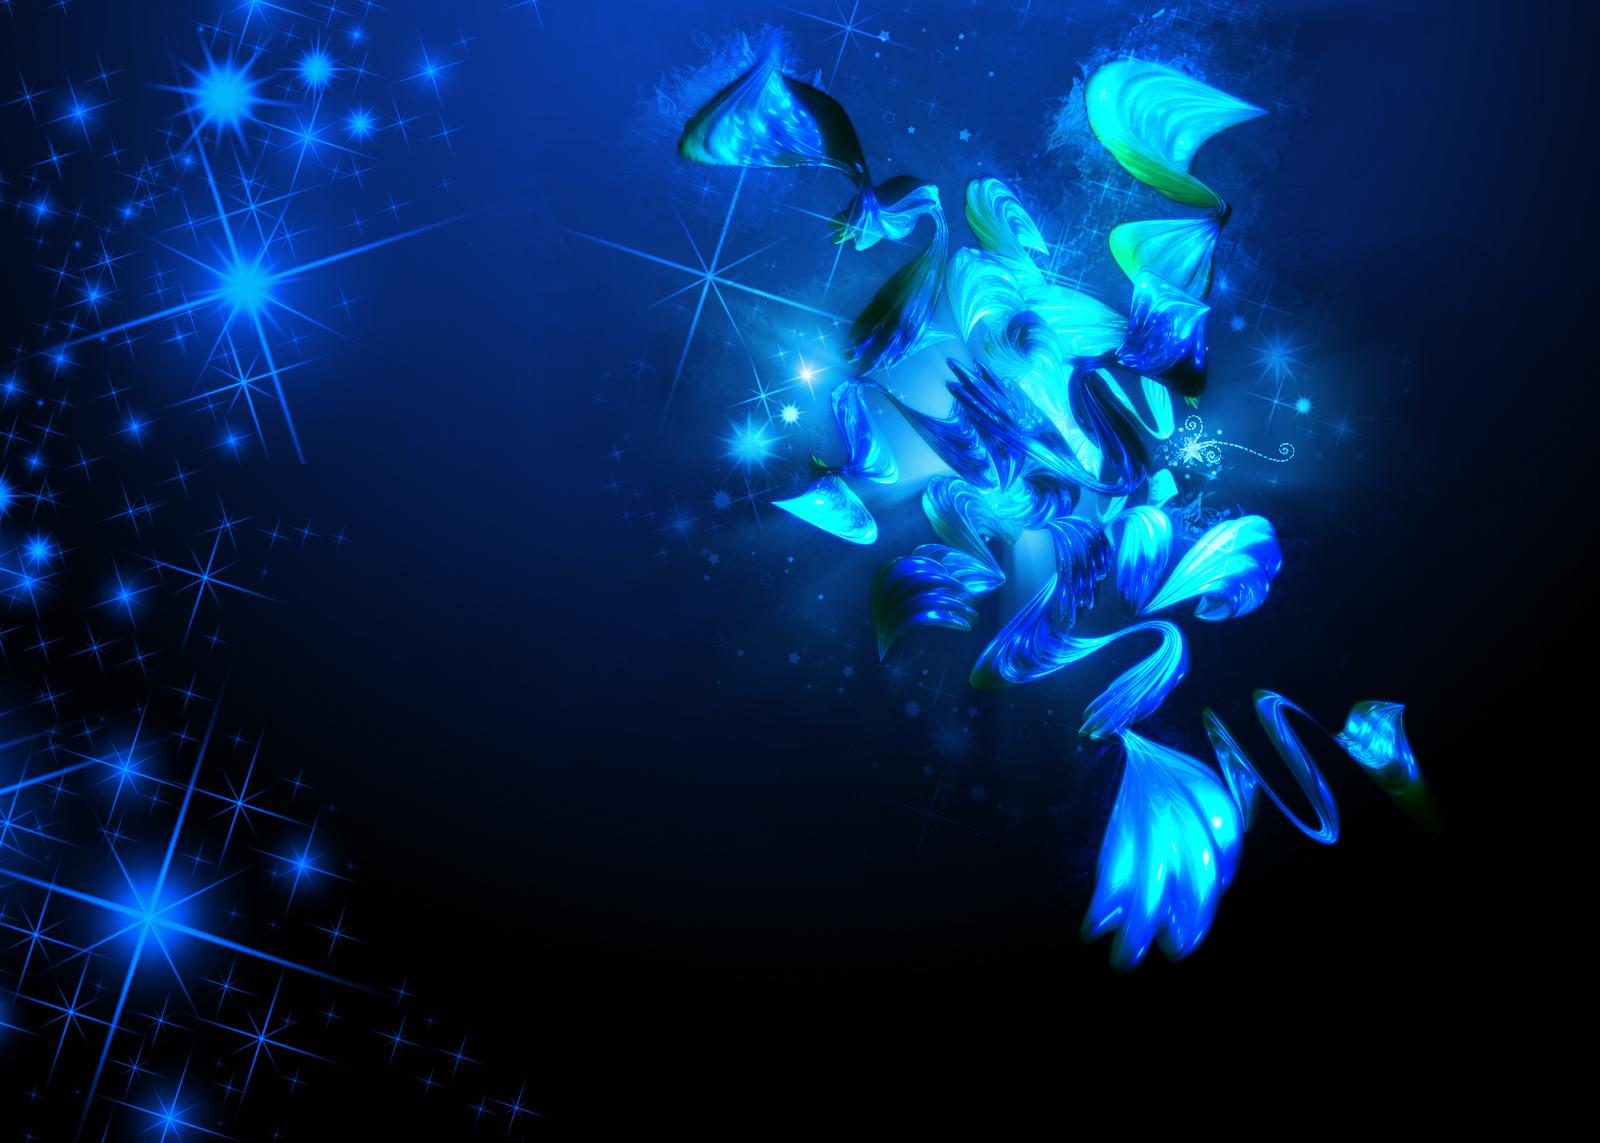 blue wallpaper blue wallpaper designs cool blue wallpapers light blue 1600x1143